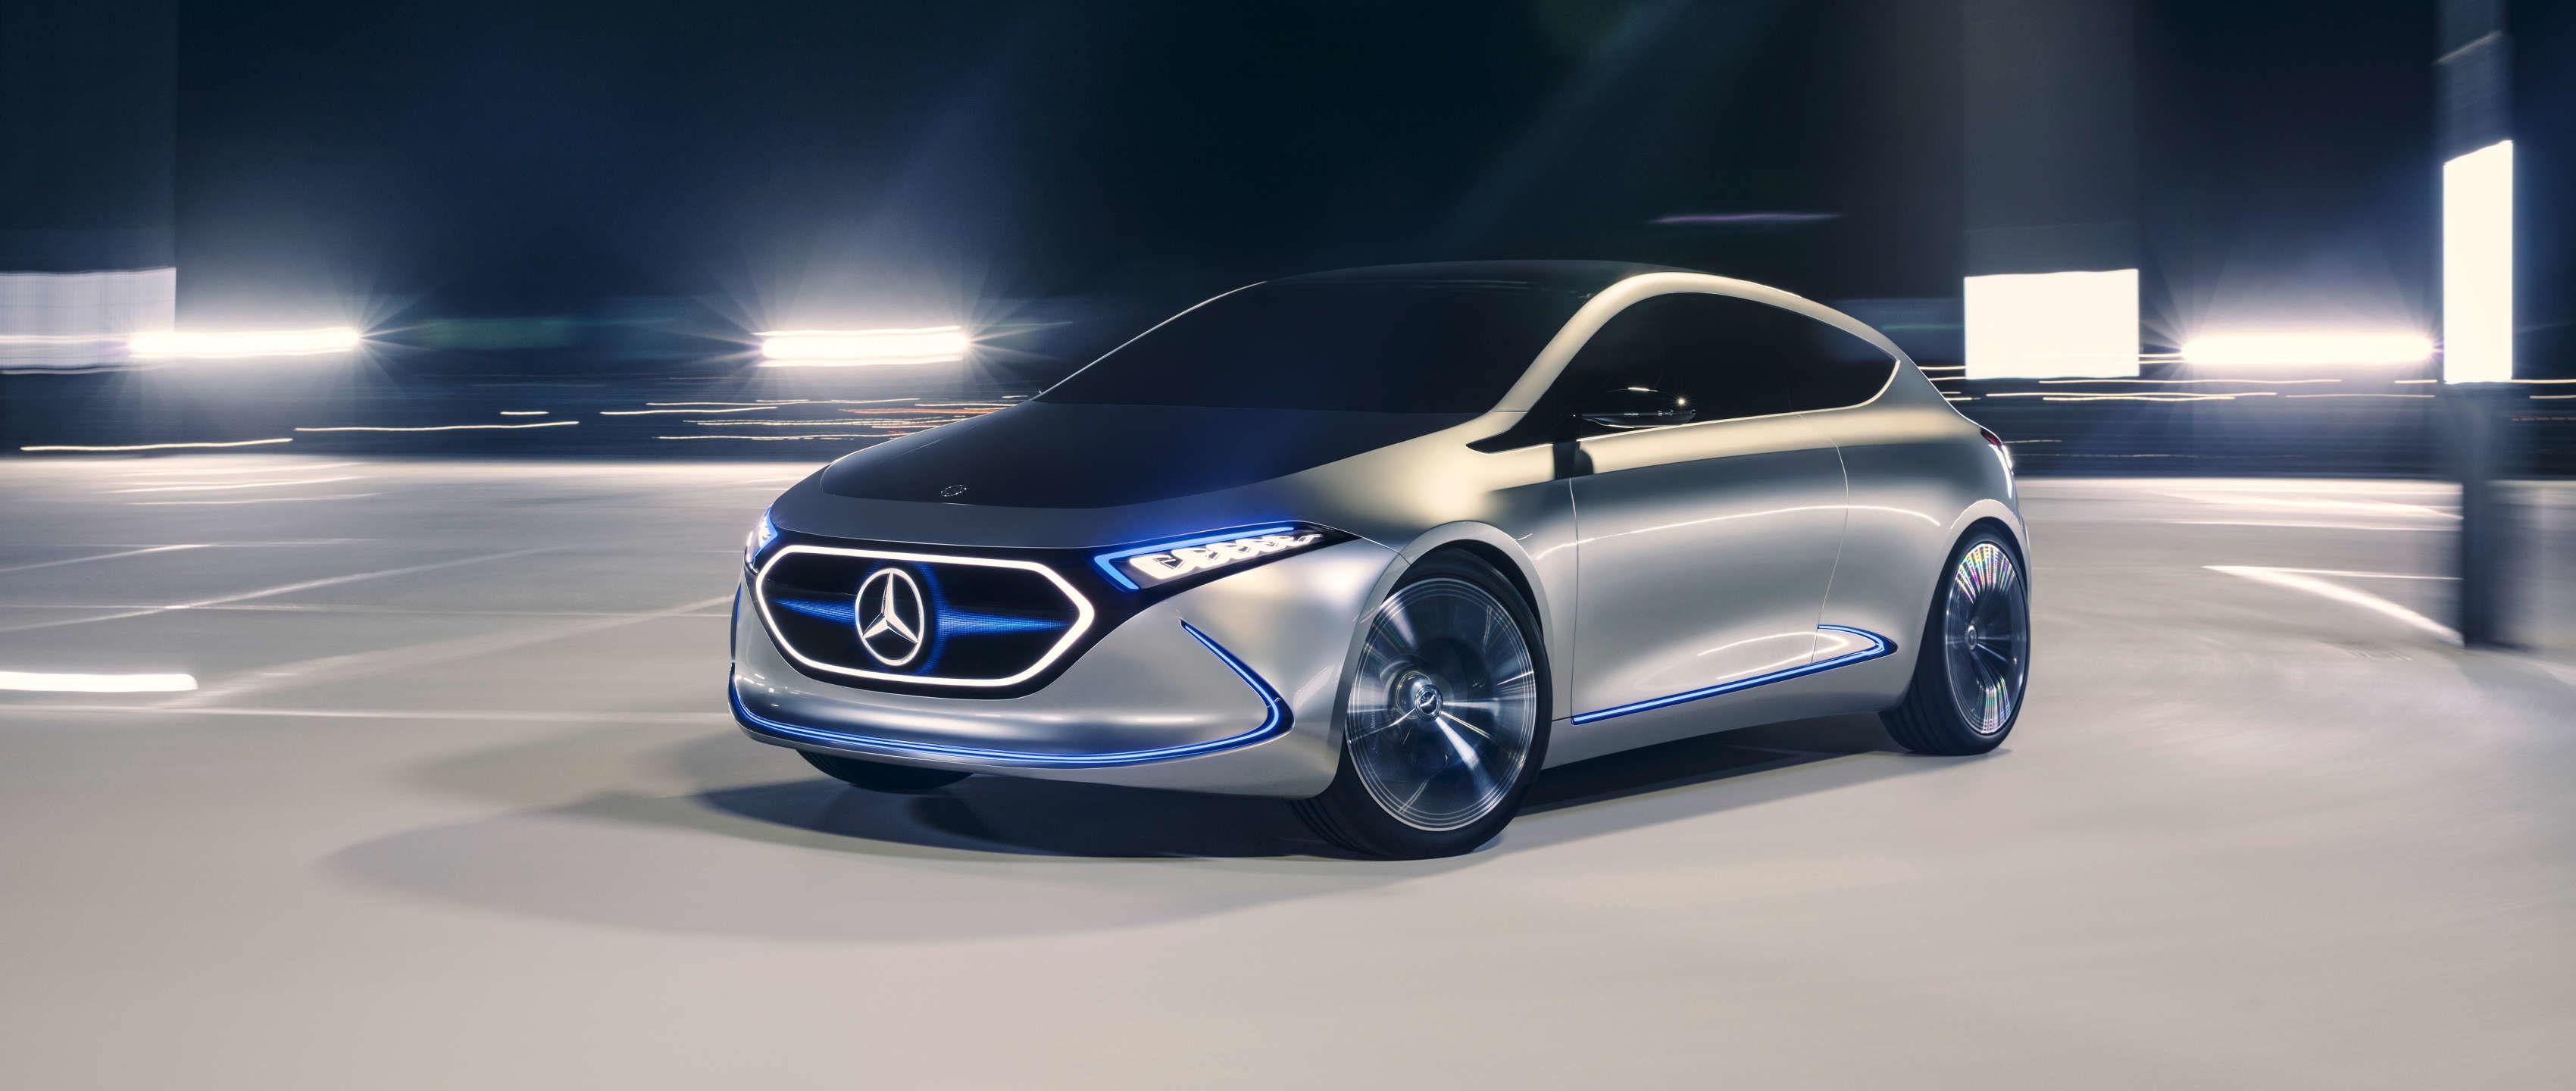 Mercedes-Benz u segmentu ispod A klase u 2022. godini?